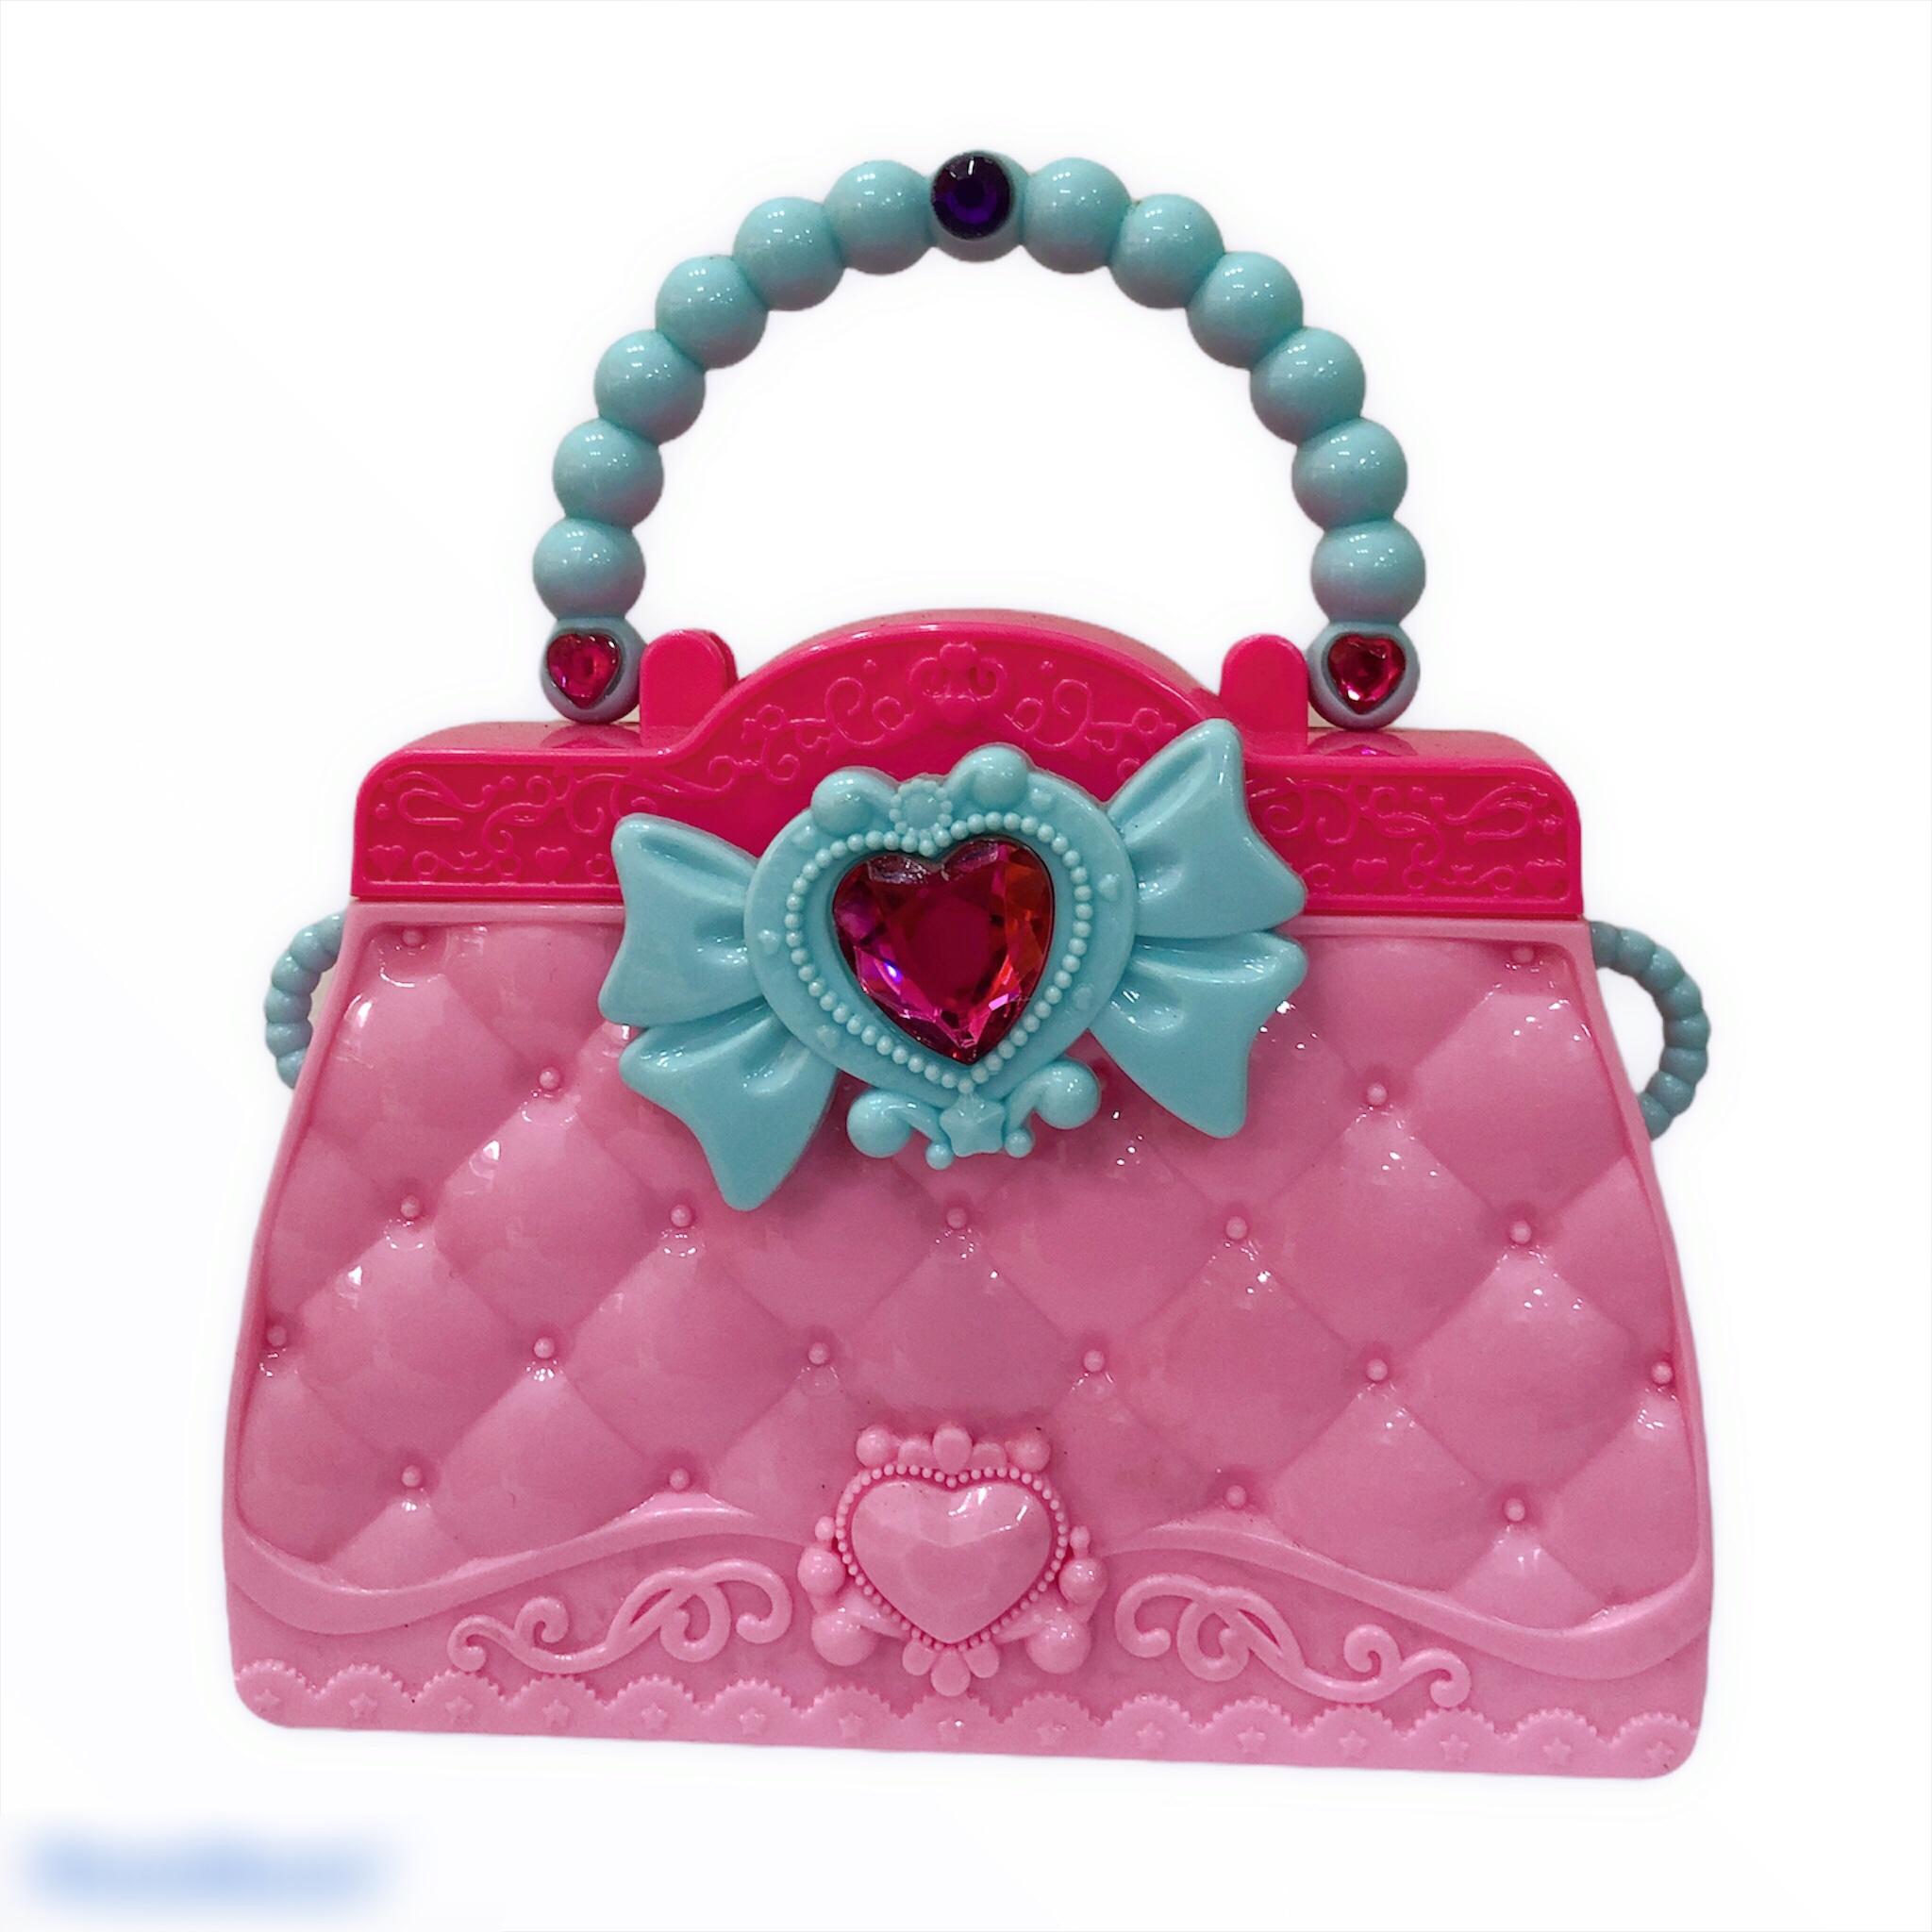 Túi xách nhựa trang điểm cho bé gái kèm phụ kiện